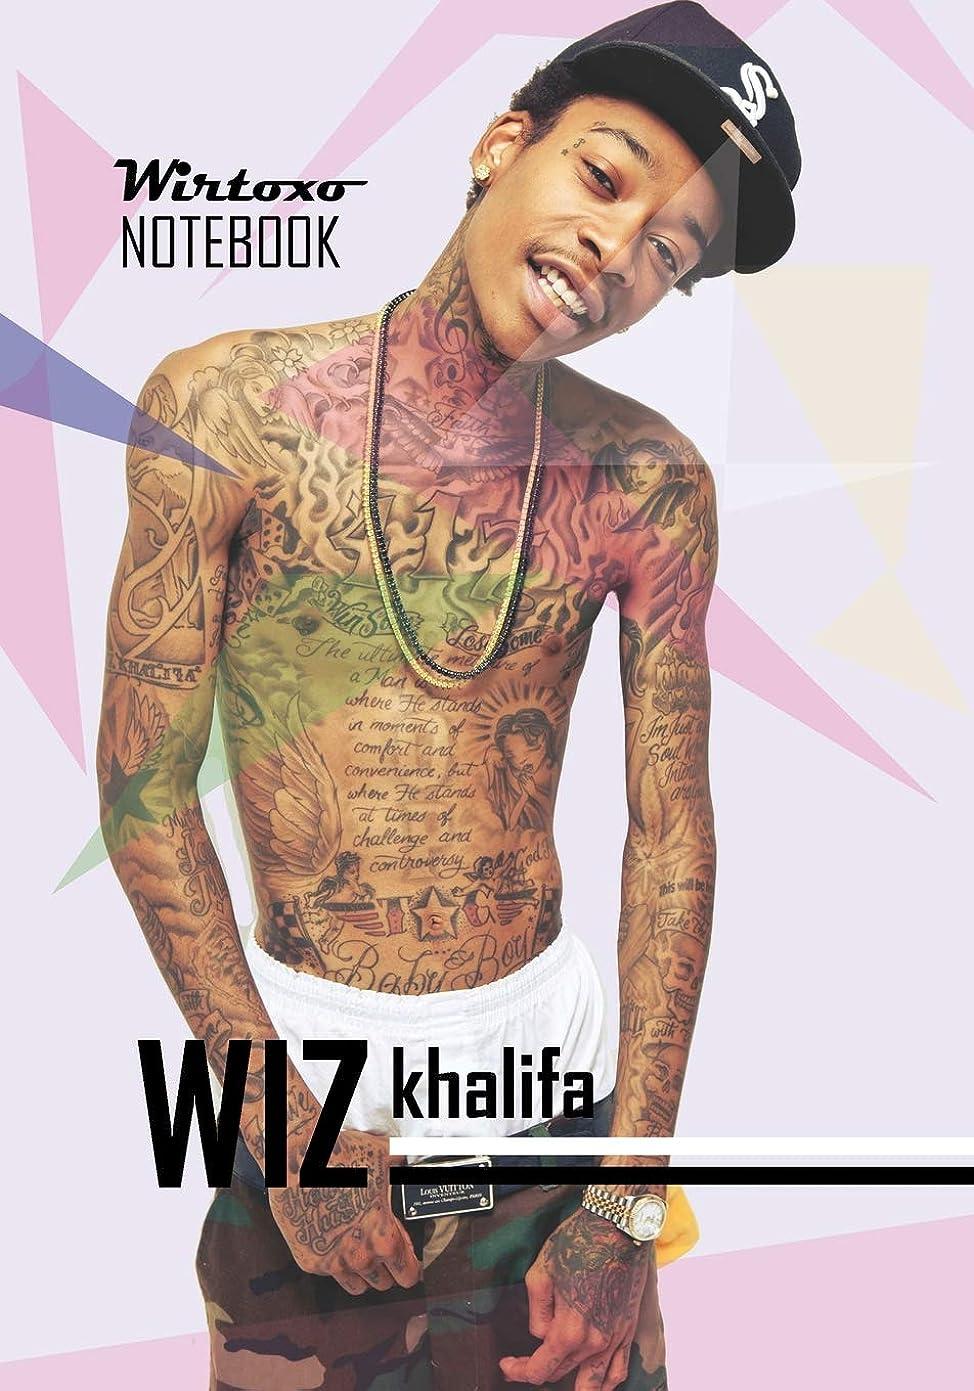 それから依存断線Notebook: Hip Hop Wiz Khalifa notebook Medium College Ruled Notebook 130 page Lined 7 x 10 in (17.78 x 25.4 cm)